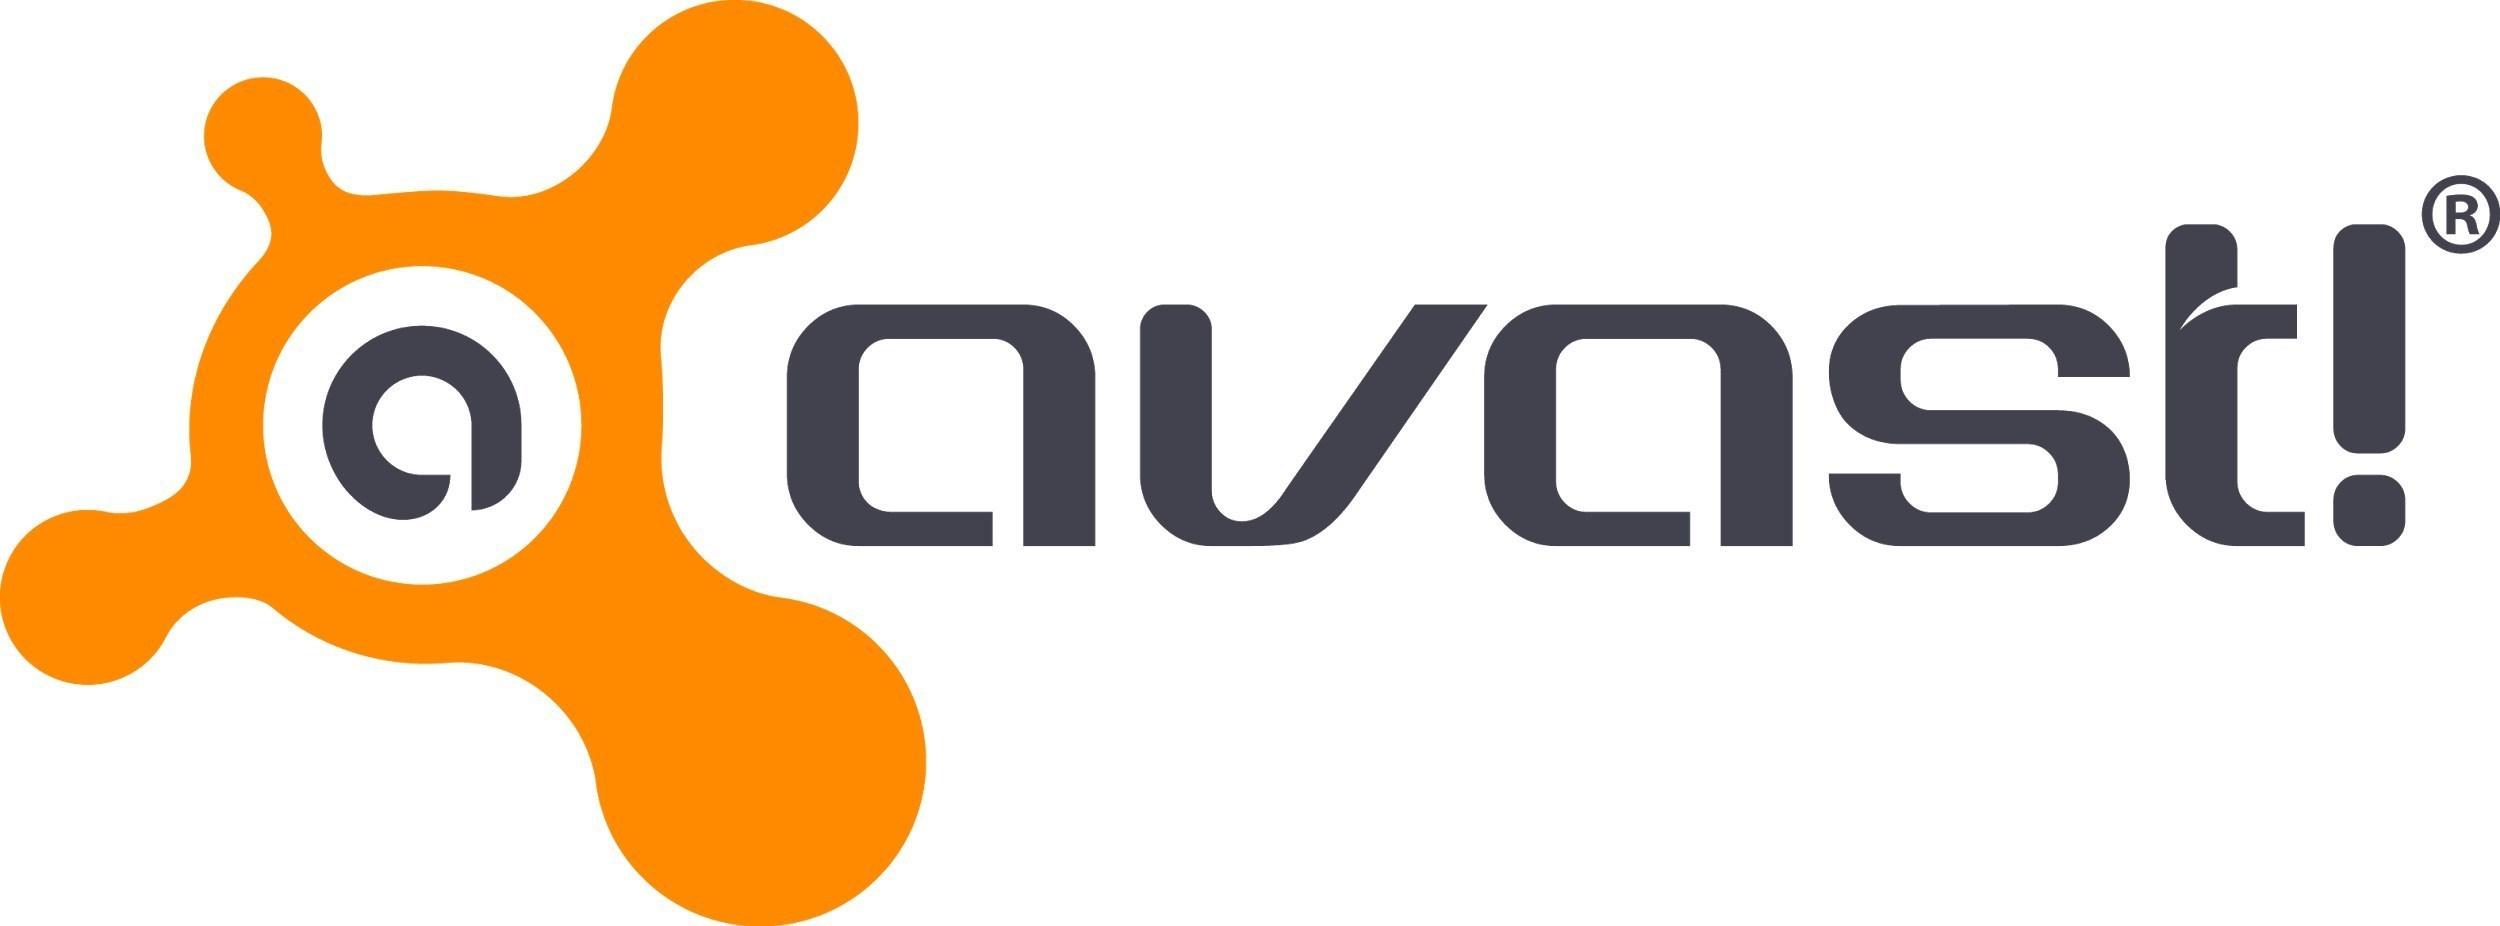 Bedste Antivirus Avast